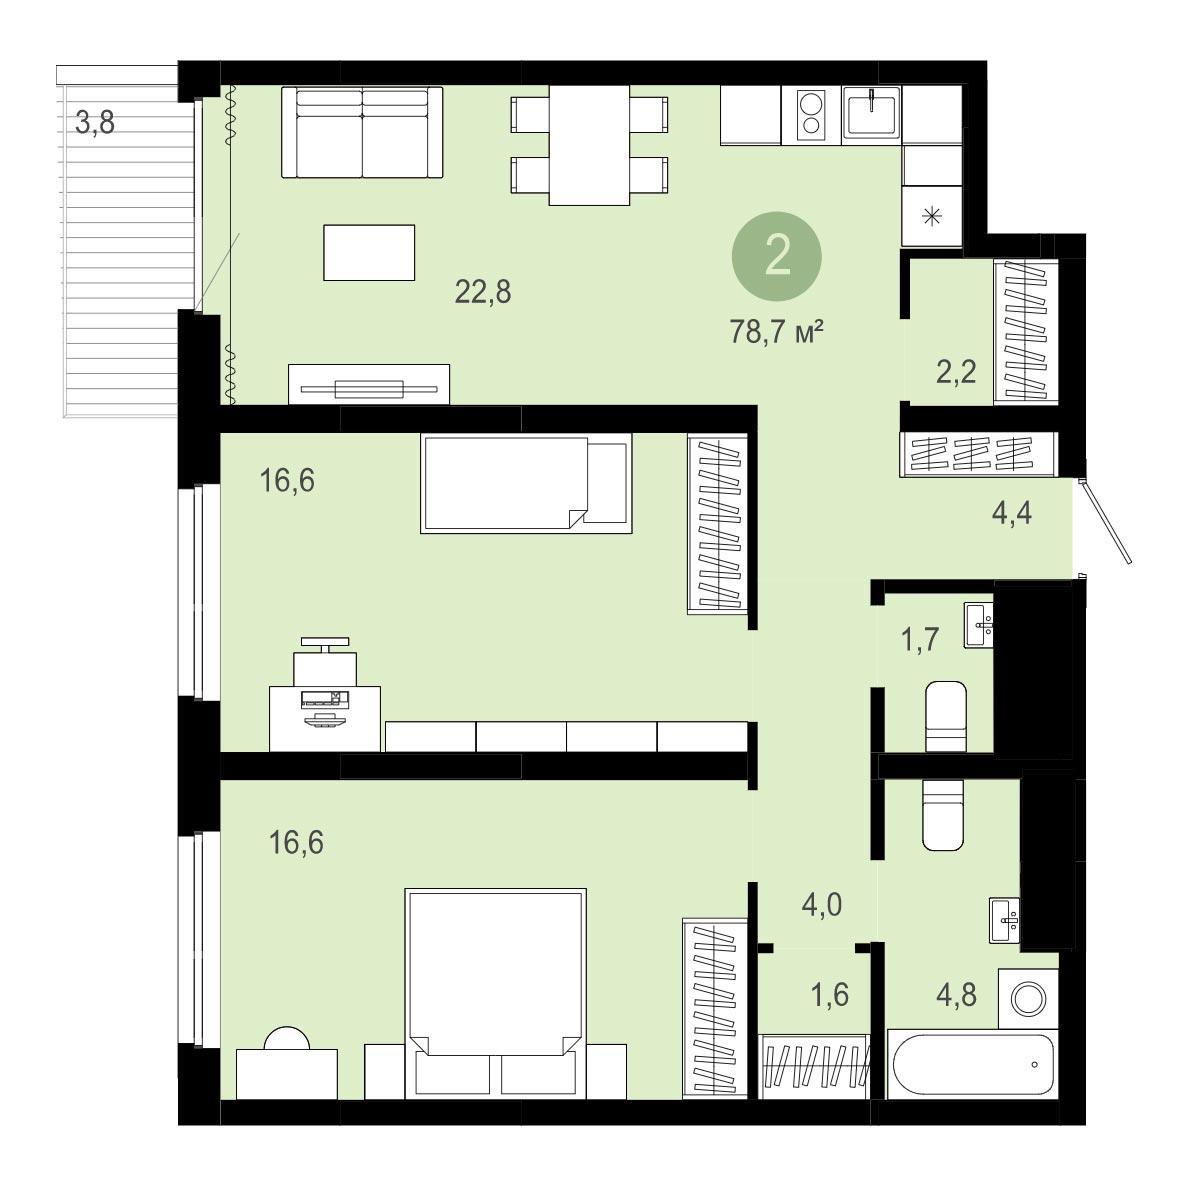 Планировка 3-комн. студия площадью 78.7 м<sup>2</sup> в ЖК Европейский Берег